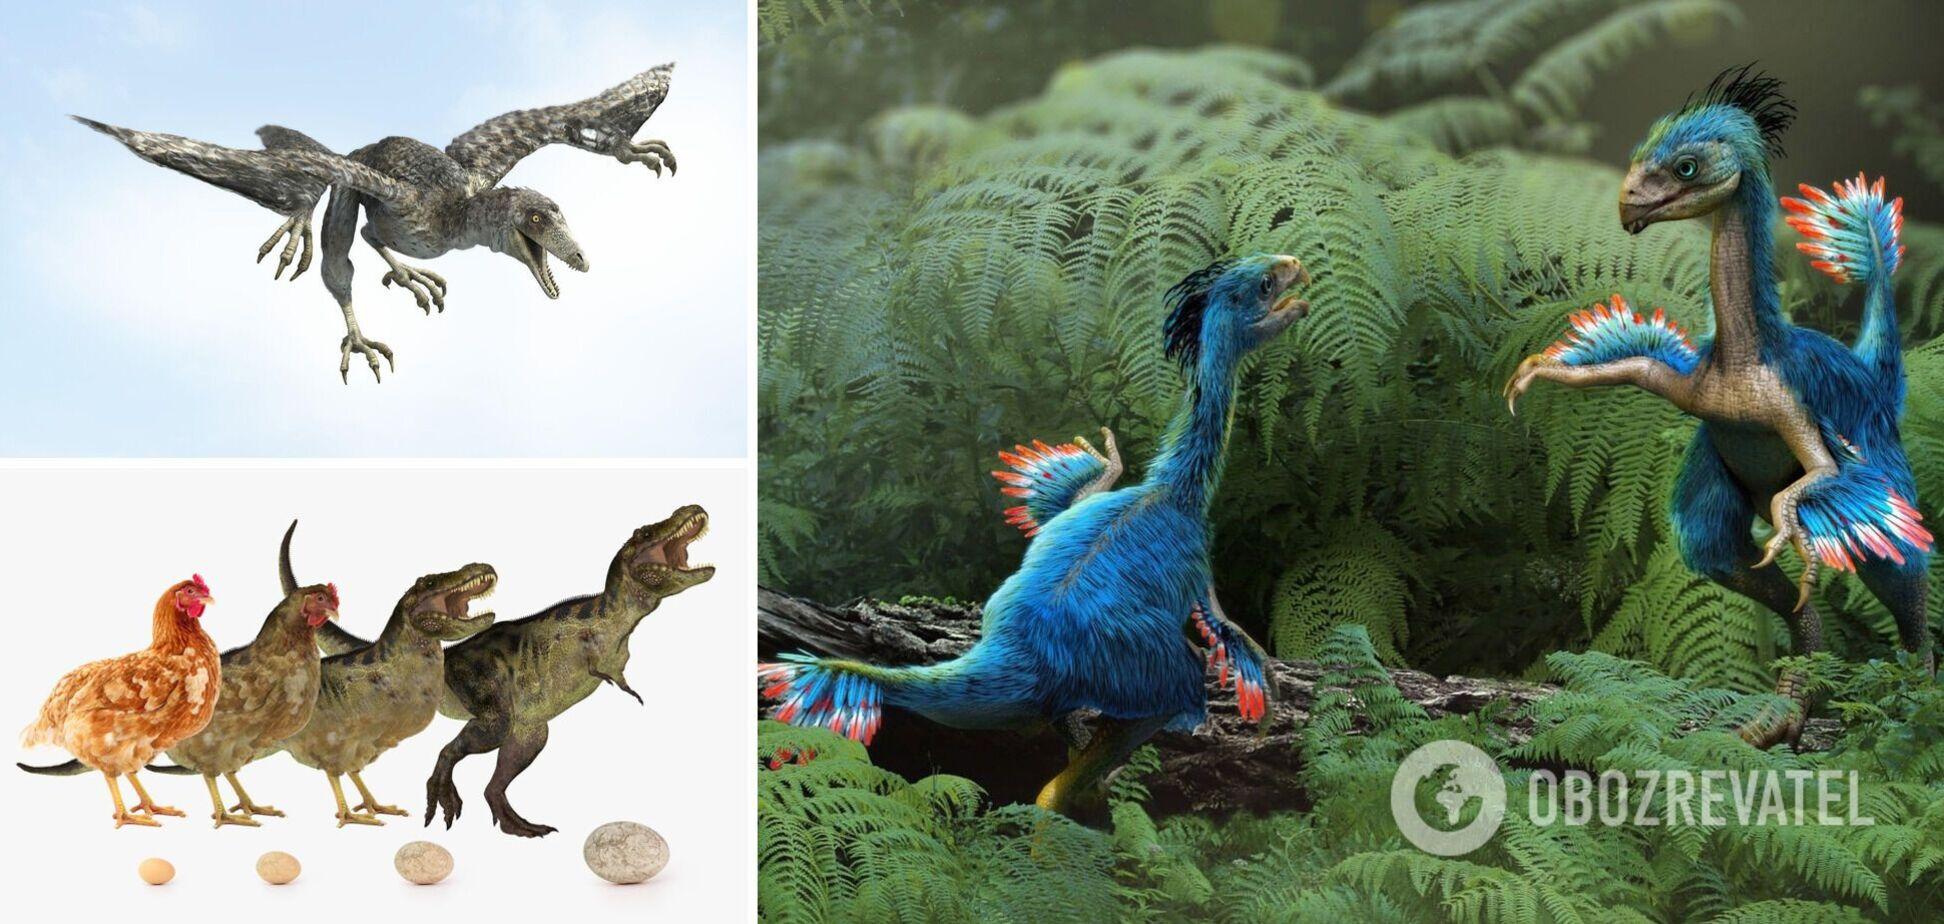 Ученые выяснили, почему птицы уцелели во время массового вымирания динозавров